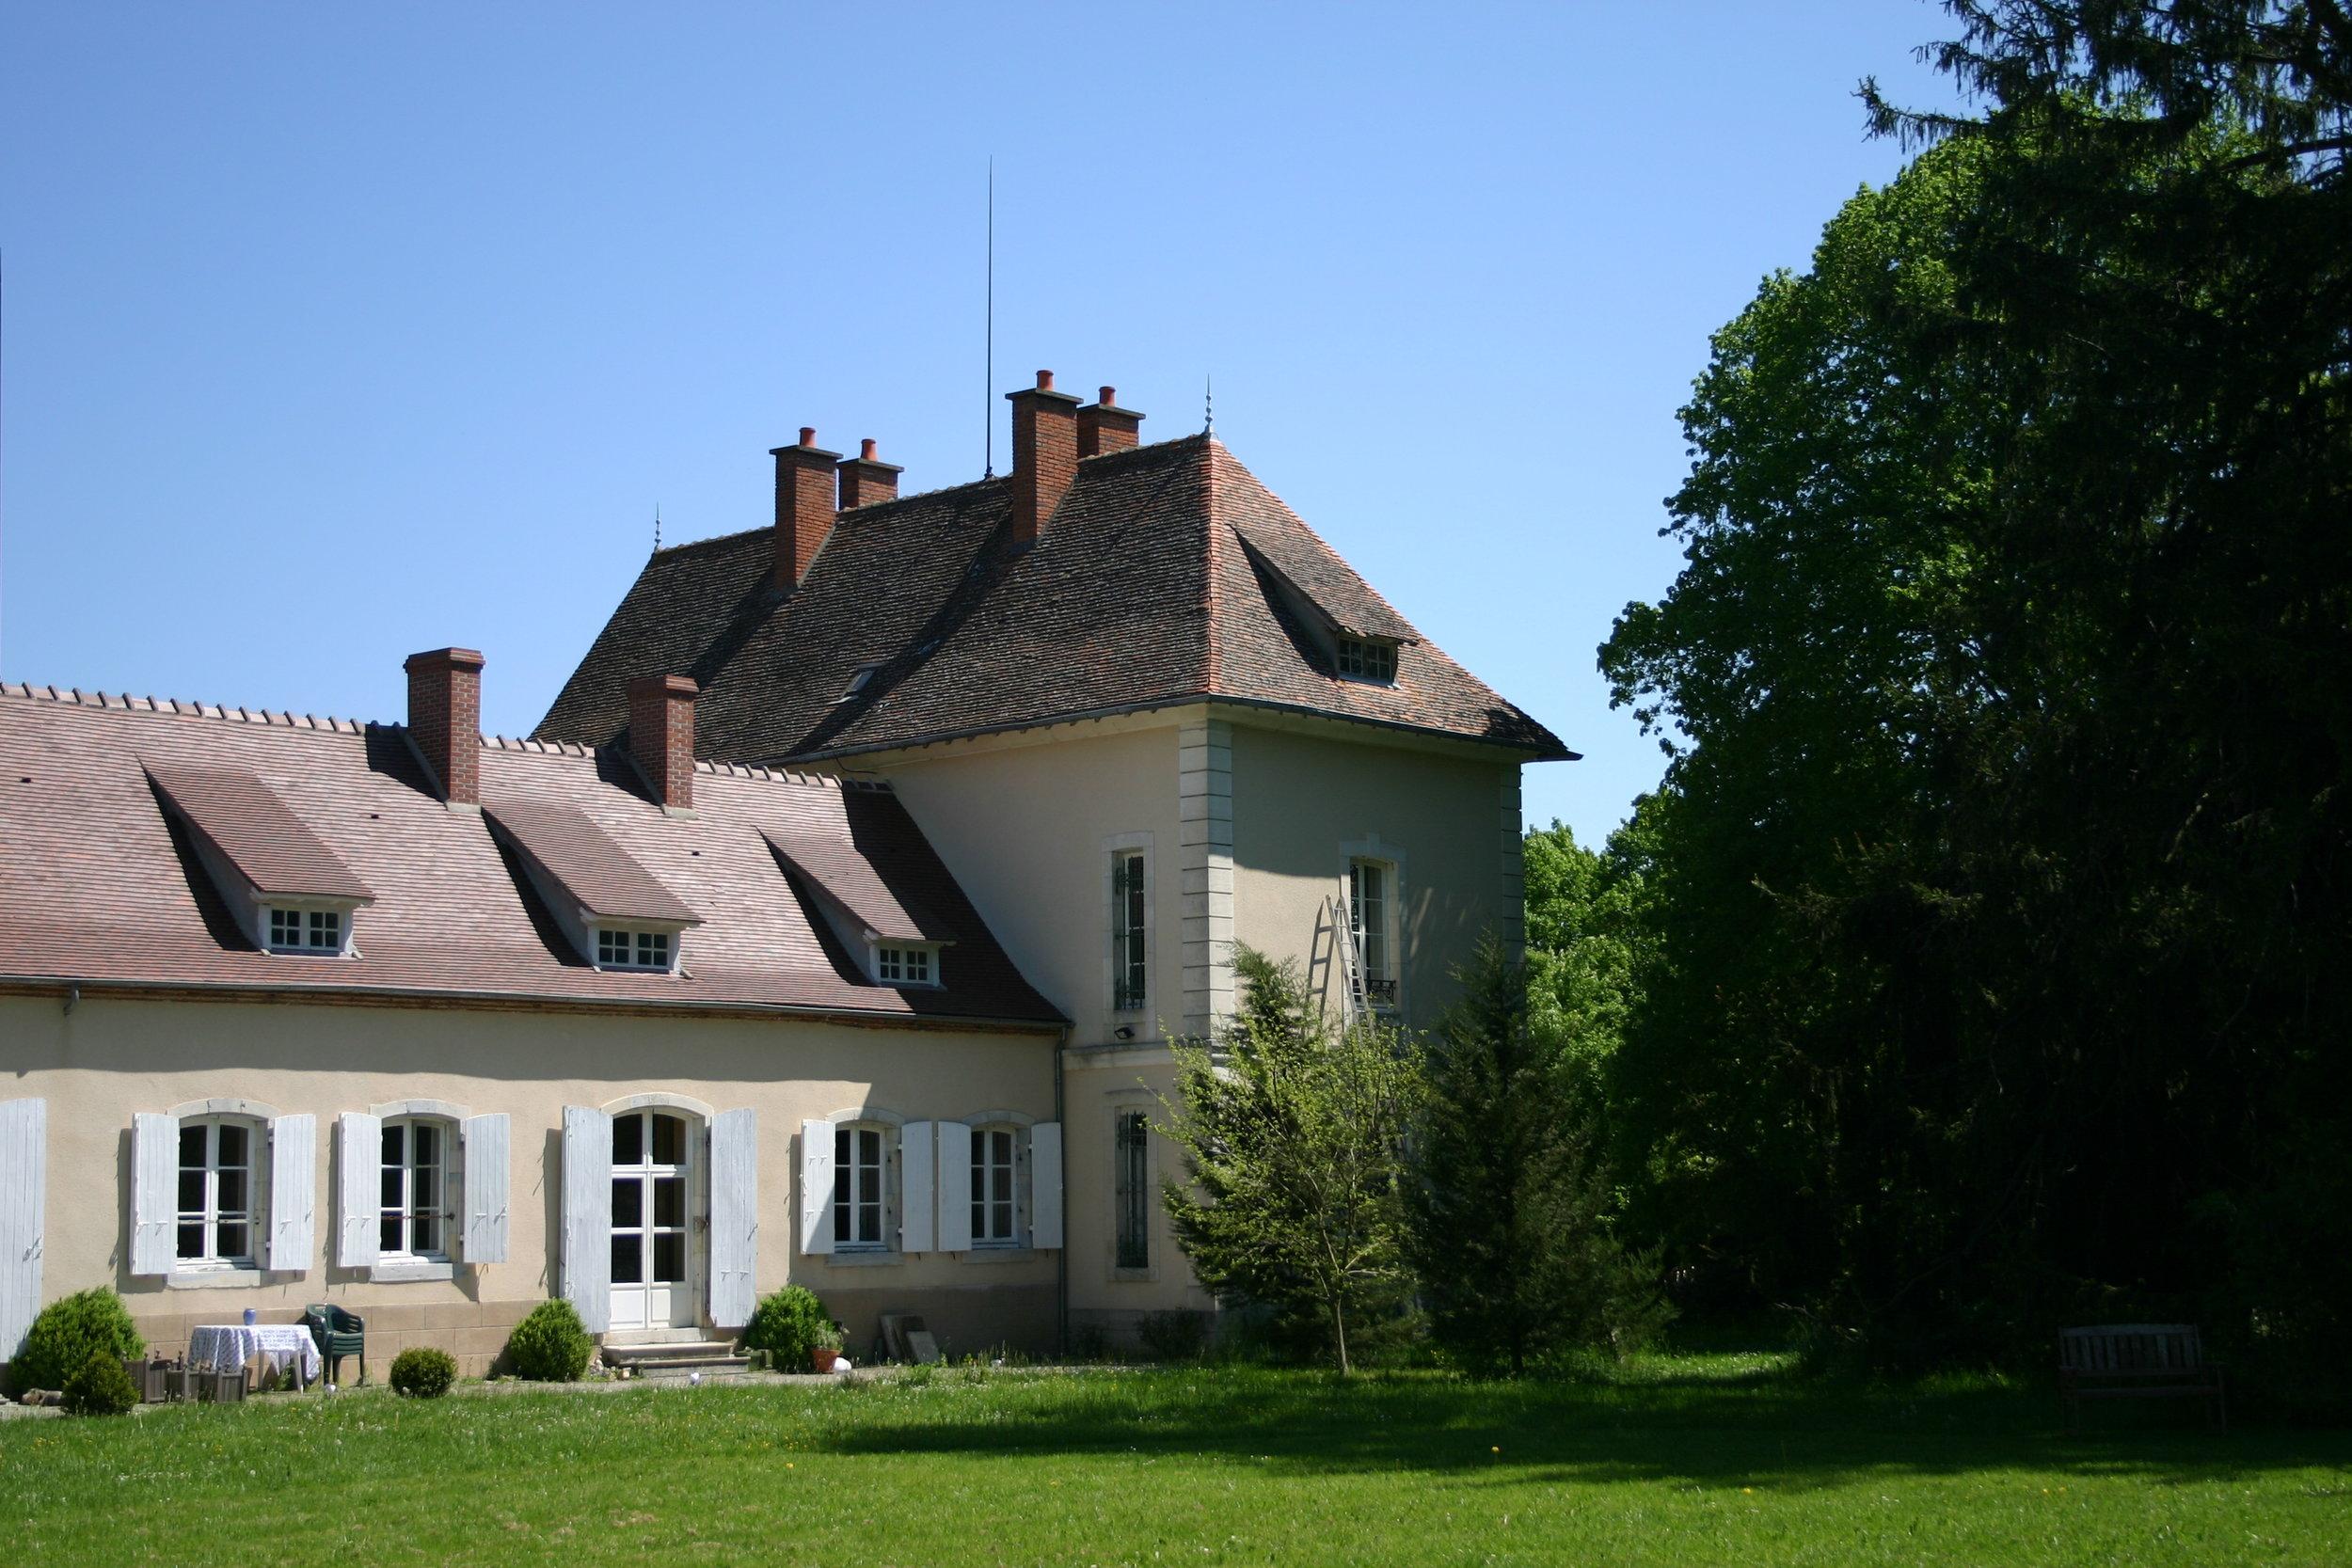 Gîte 1: le Gîte au Château, in the Château, in huis (het Kasteelappartement) - 1 - 5 personnes - 90m2 - à partir du € 549FR 2 chambres, un salon, une cuisine aménagée, une salle de bain et sa terrasseENG 2 bedrooms, a nice and comfy living room, a modern kitchen, a good bathroom and your own terraceNL 2 slaapkamers, een gezellige woonkamer, een moderne keuken, een prima badkamer en openslaande deuren vanuit de woonkamer naar uw eigen terras